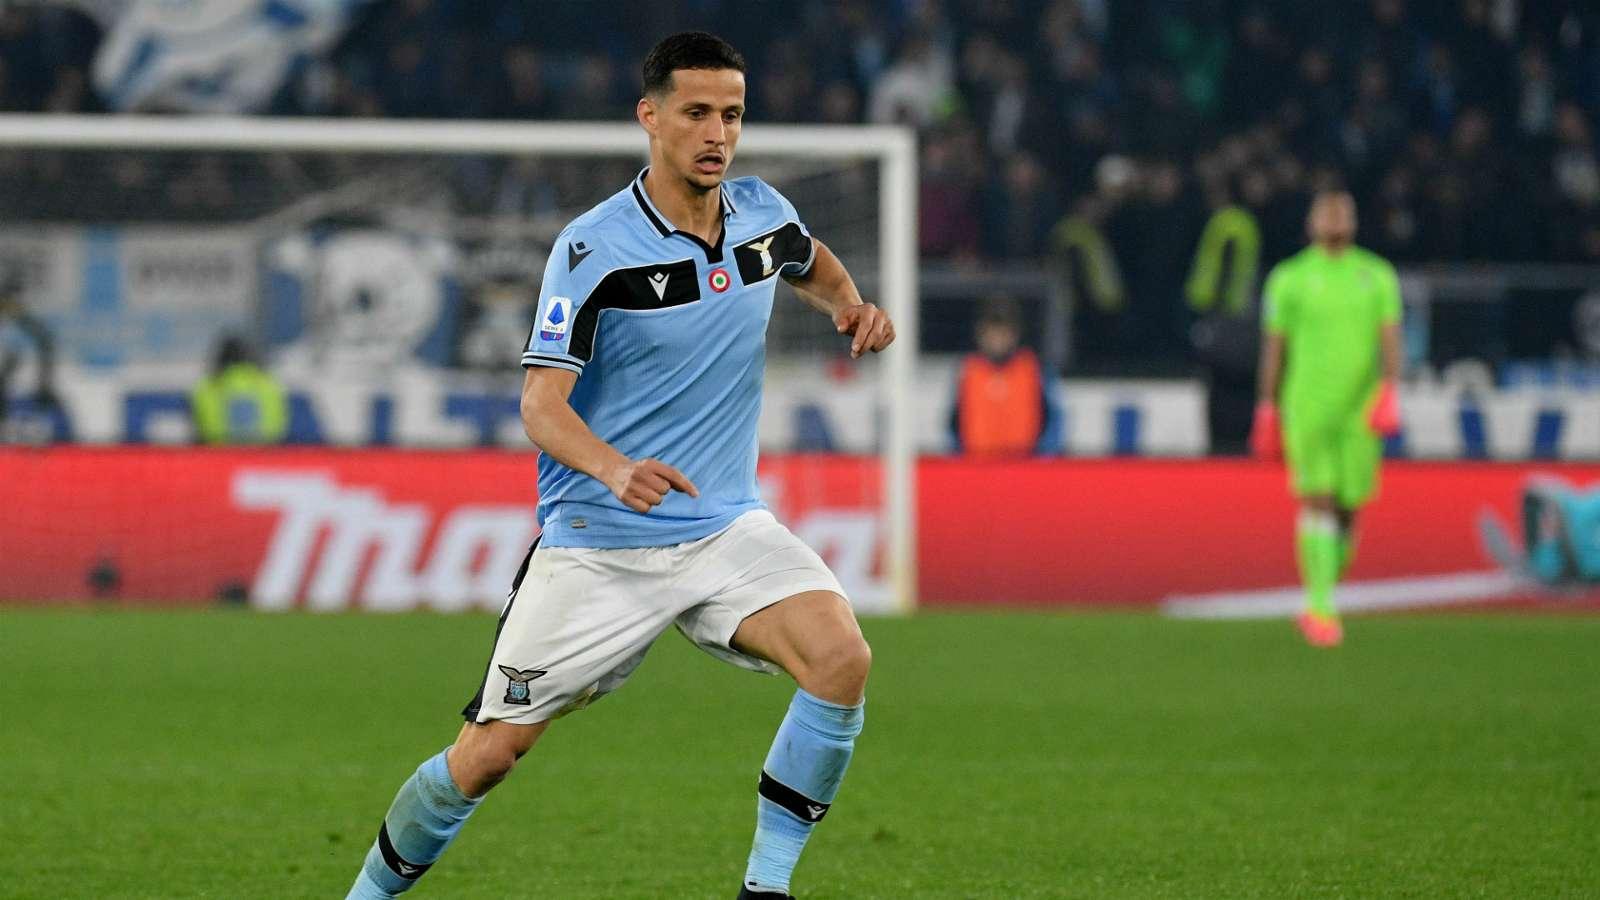 Fokus Bikin Sejarah Di Lazio, Luiz Felipe Cueki Barcelona & Manchester City